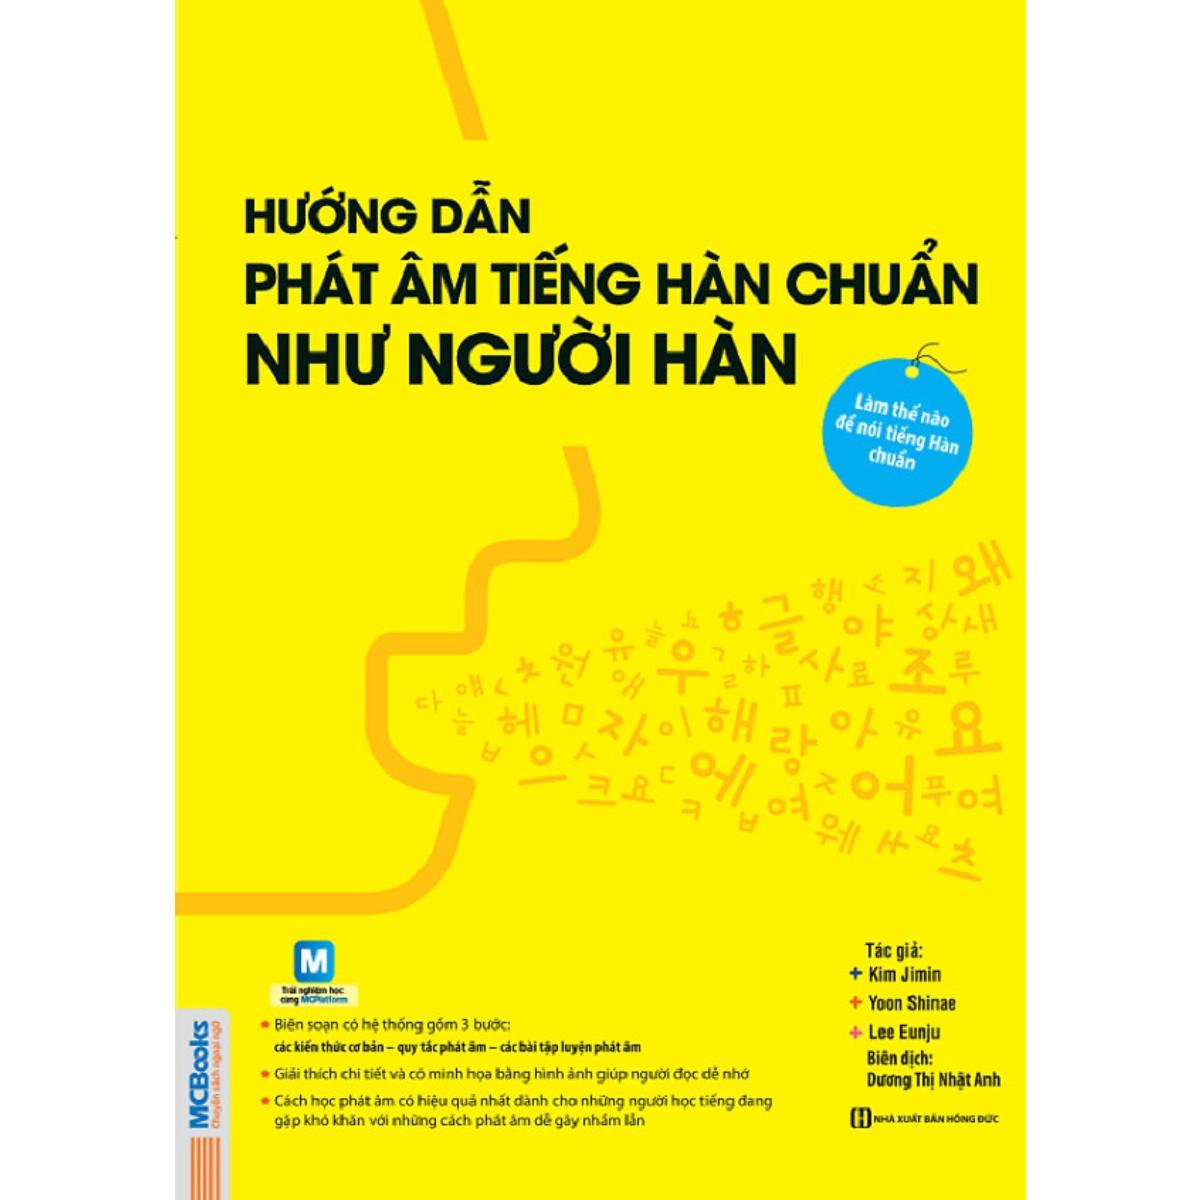 Hướng Dẫn Phát Âm Chuẩn Như Người Hàn Quốc (Học kèm App MCBooks)